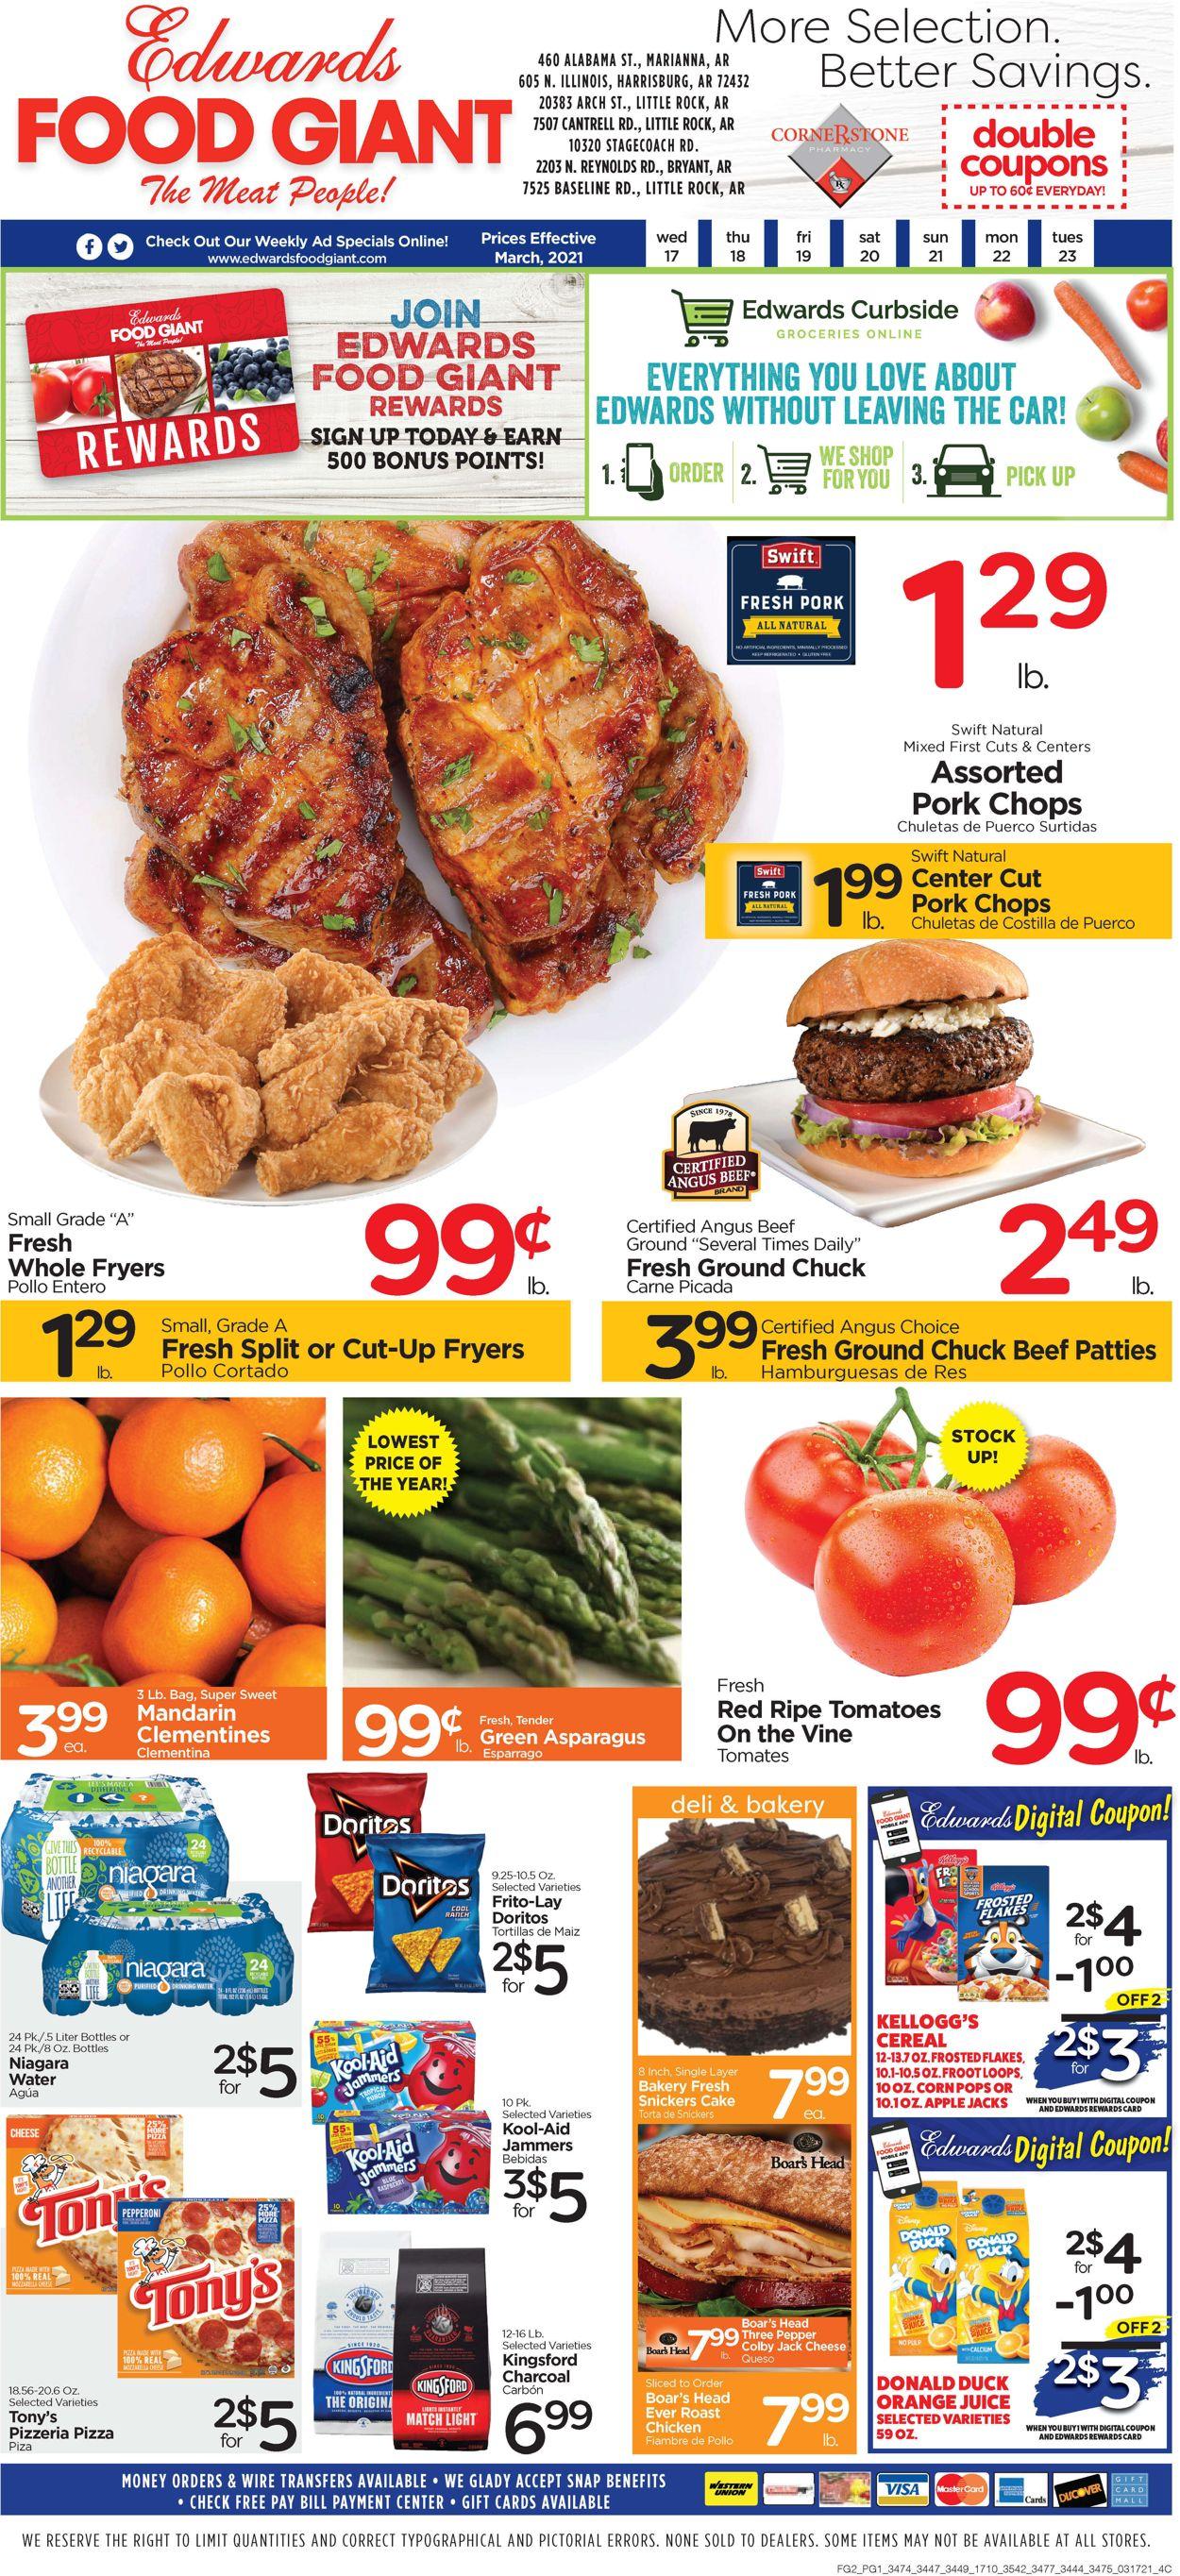 Edwards Food Giant Weekly Ad Circular - valid 03/17-03/23/2021